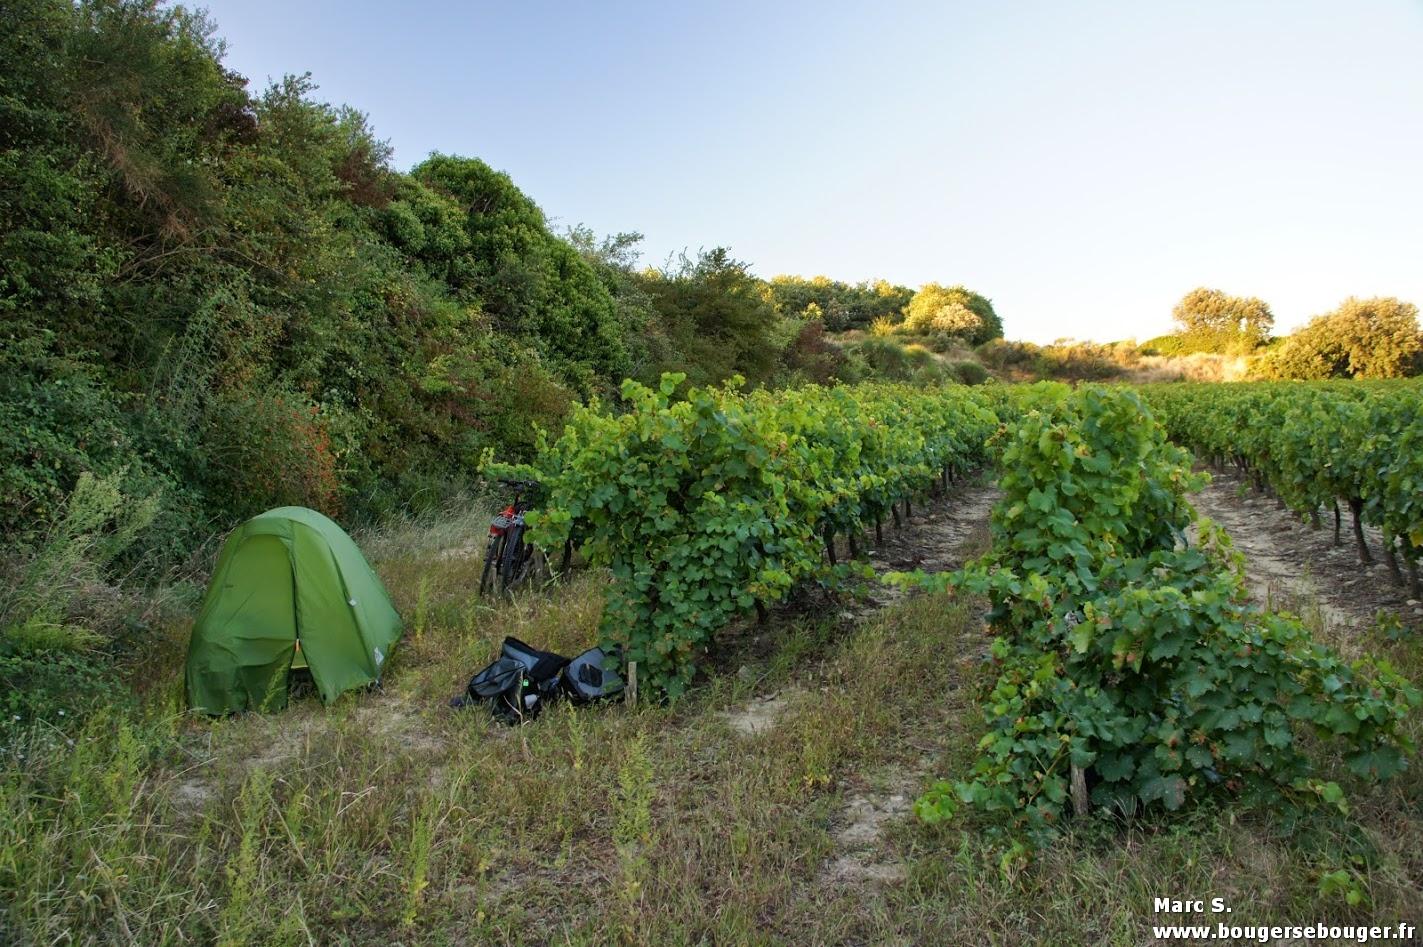 """Camping dit """"sauvage"""" en Ardèche en 2013. ça reste du camping... Suite de la rando : Labeaume, Ruoms, Alba-la-Romaine, Le Teil, Valence et la vallée du Rhône."""